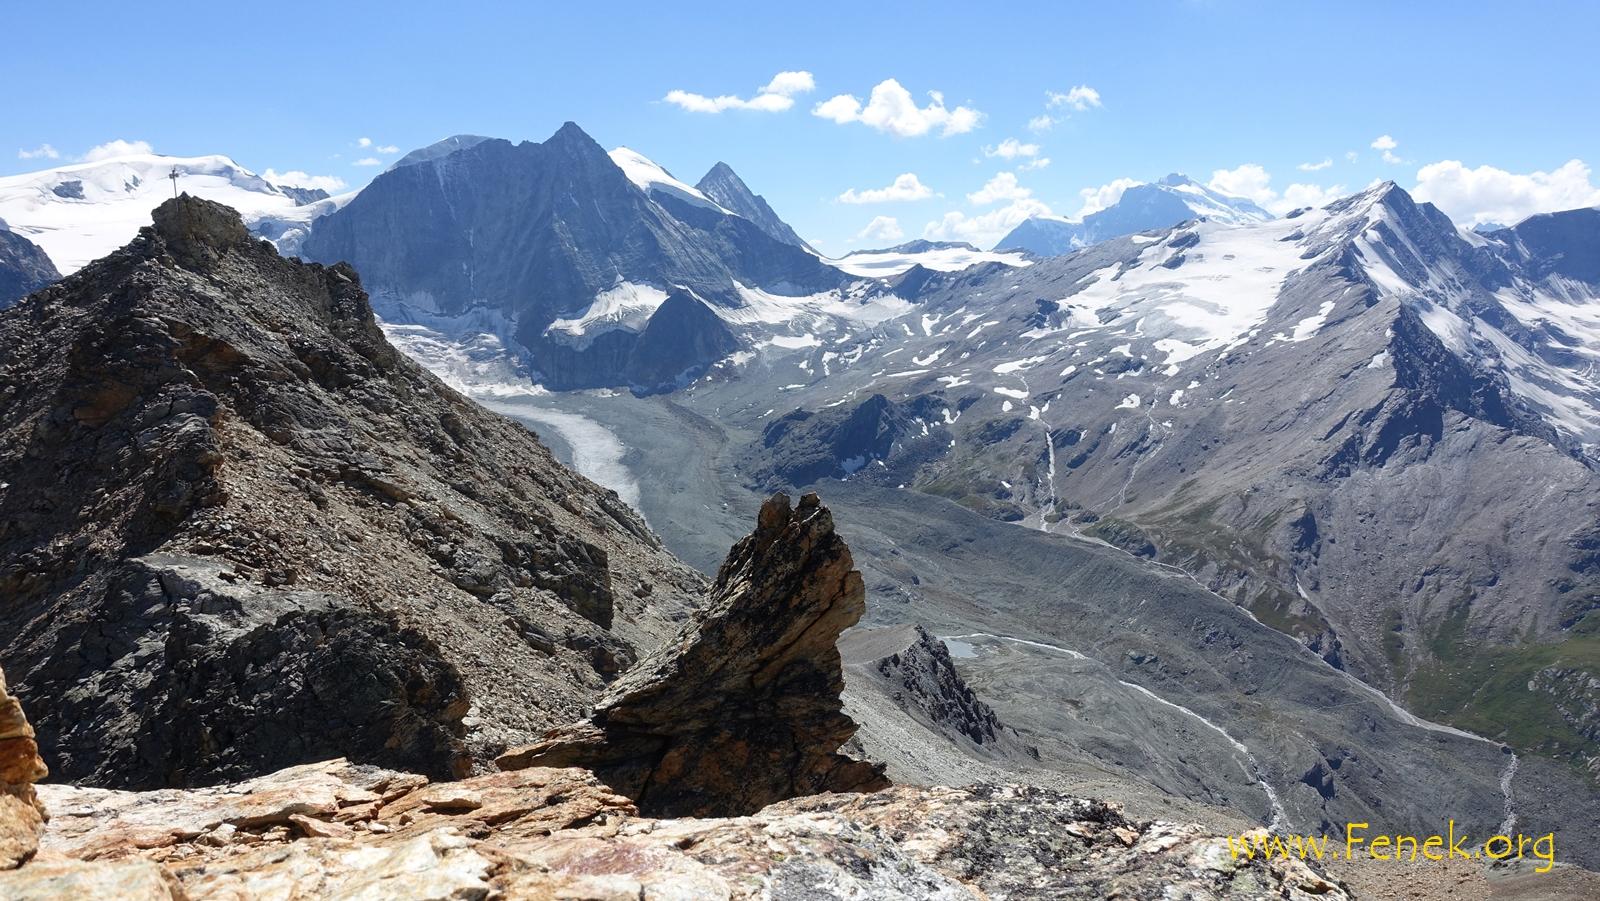 Gipfelaussicht zum Mont Blanc de Cheillon